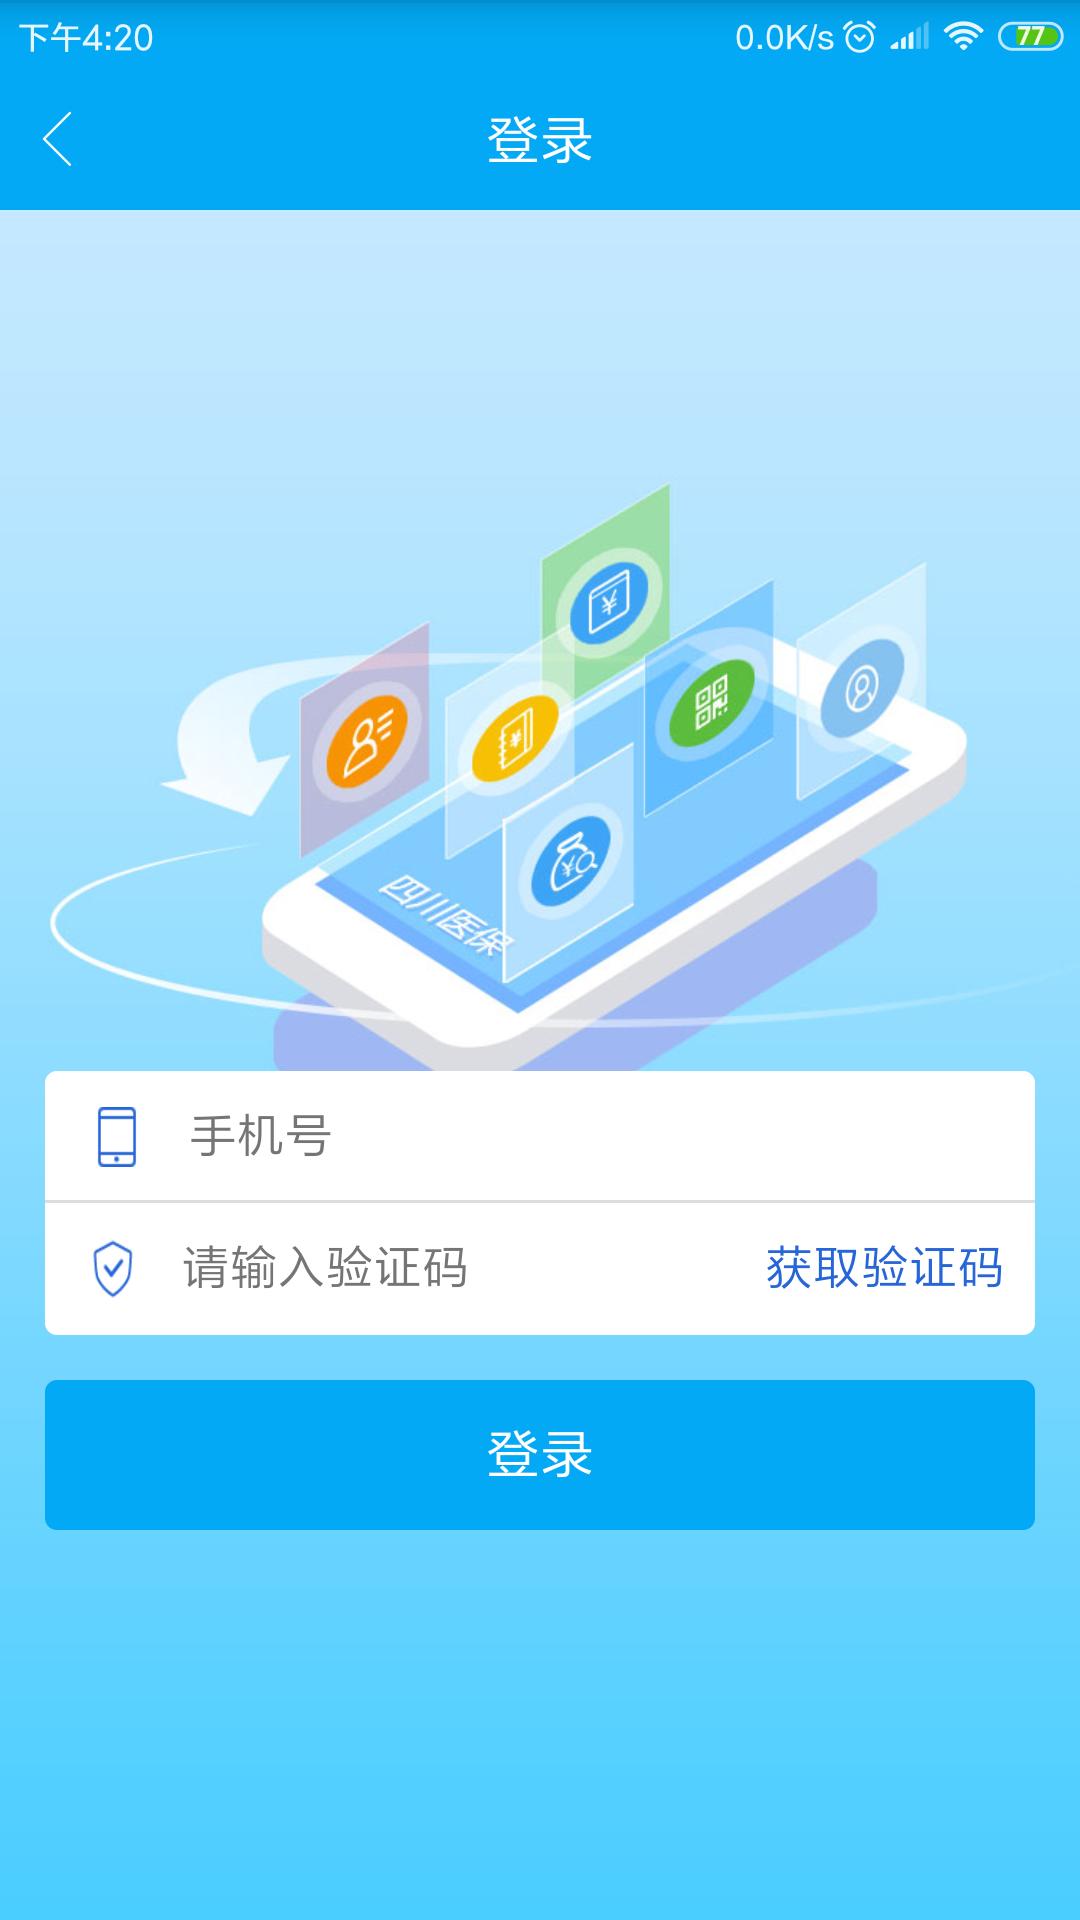 四川医保图1